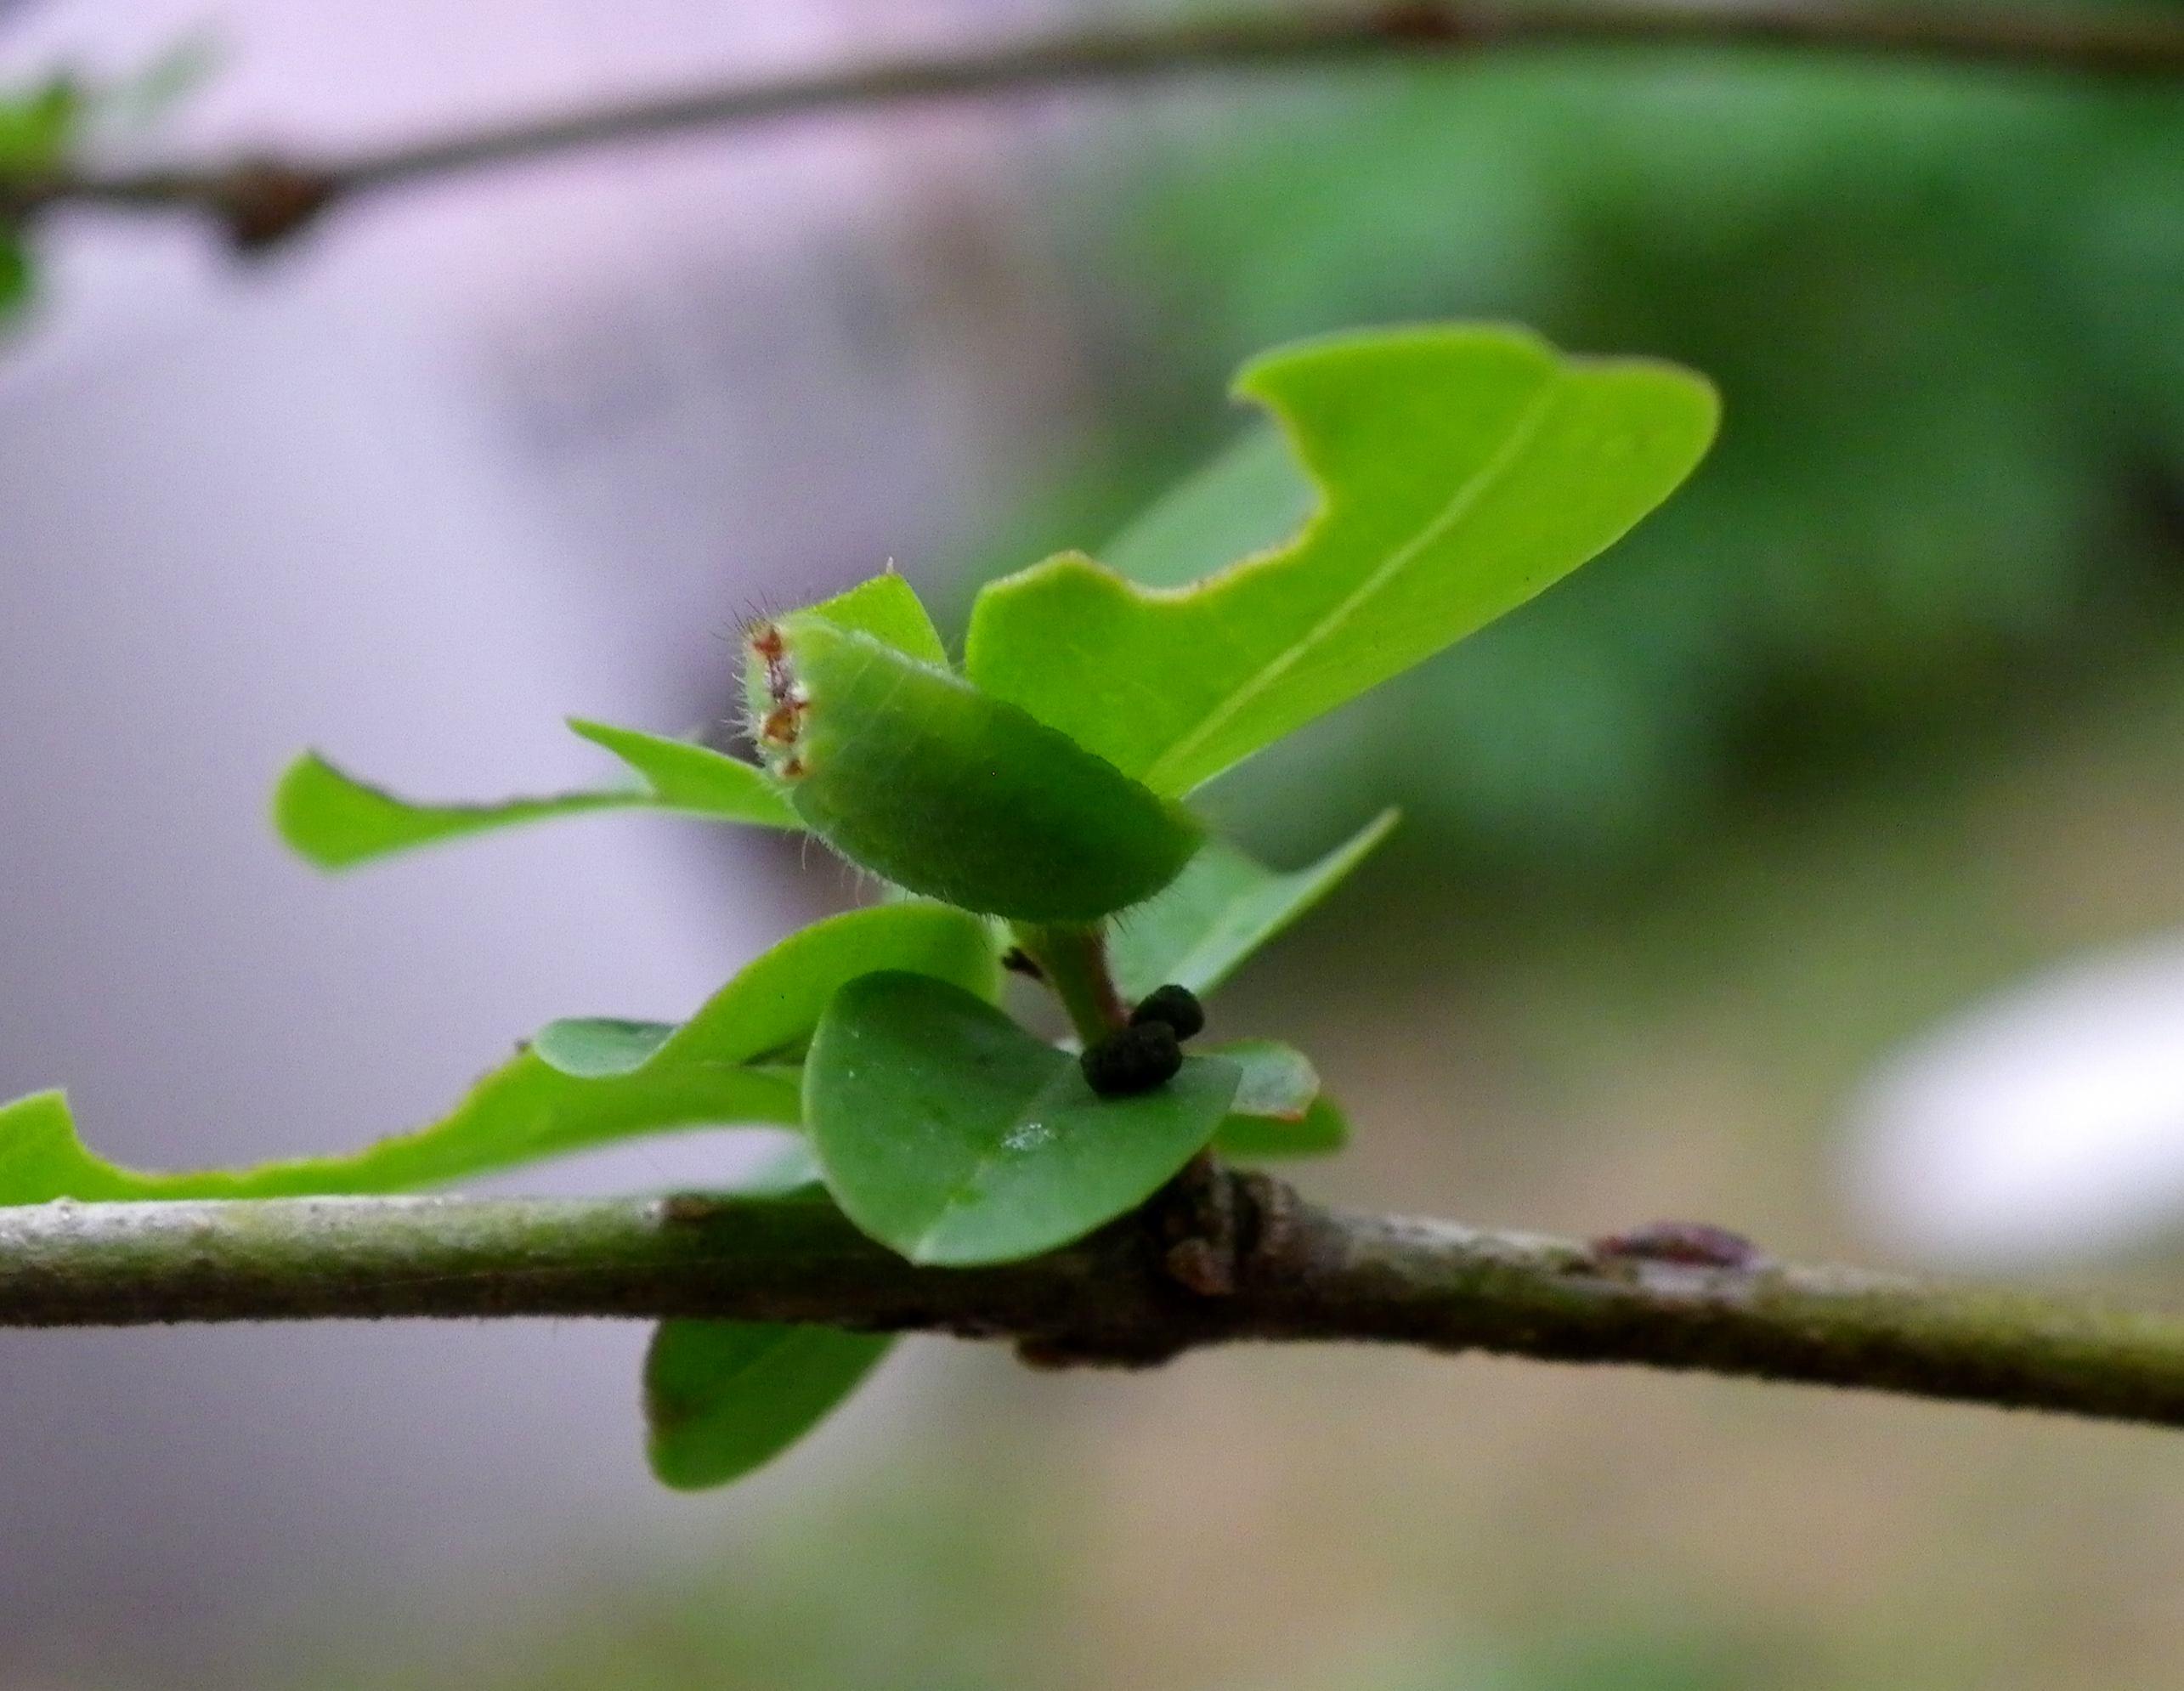 ウラゴマダラシジミ他 庭の幼虫達_d0254540_15542430.jpg